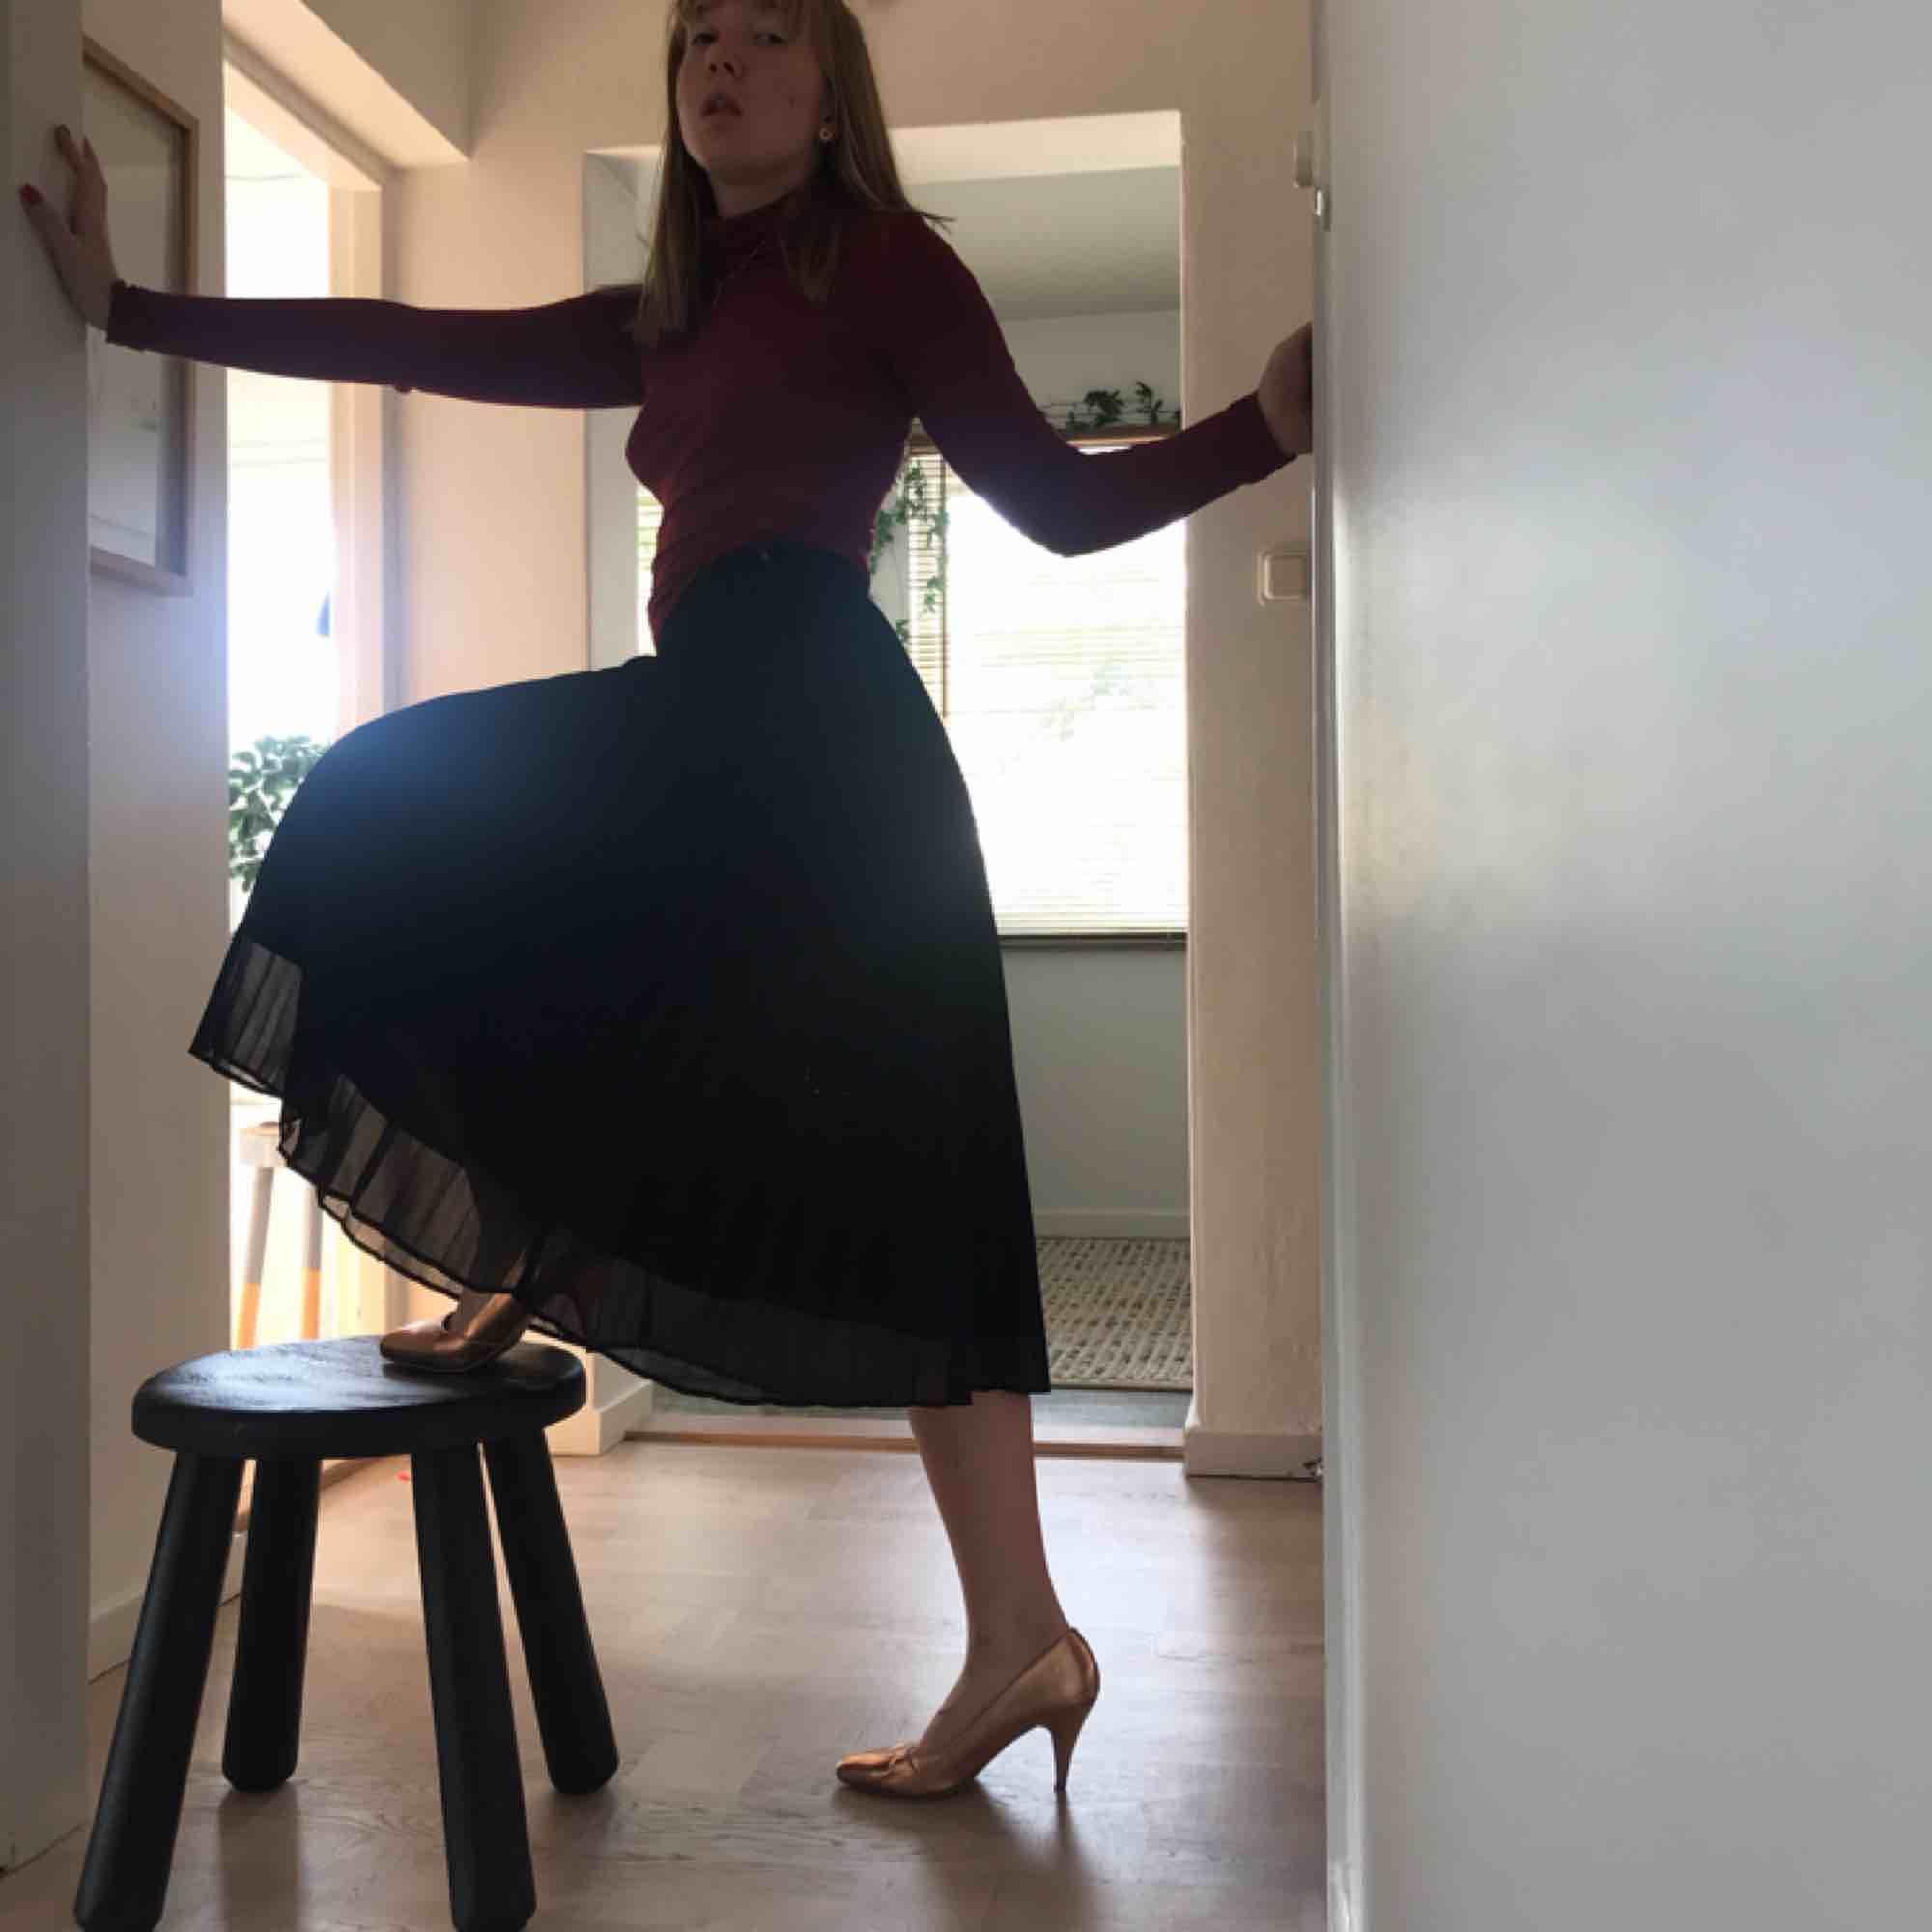 Räfflad kjol med dragkedja som knäppning. Den är inte stretchiga utan sitter som den ska. Flyger när man snurrar som om du vore en prinsessa. Den är ifrån Gina, något år gammal men har haft svårt att hitta användning för den. . Kjolar.